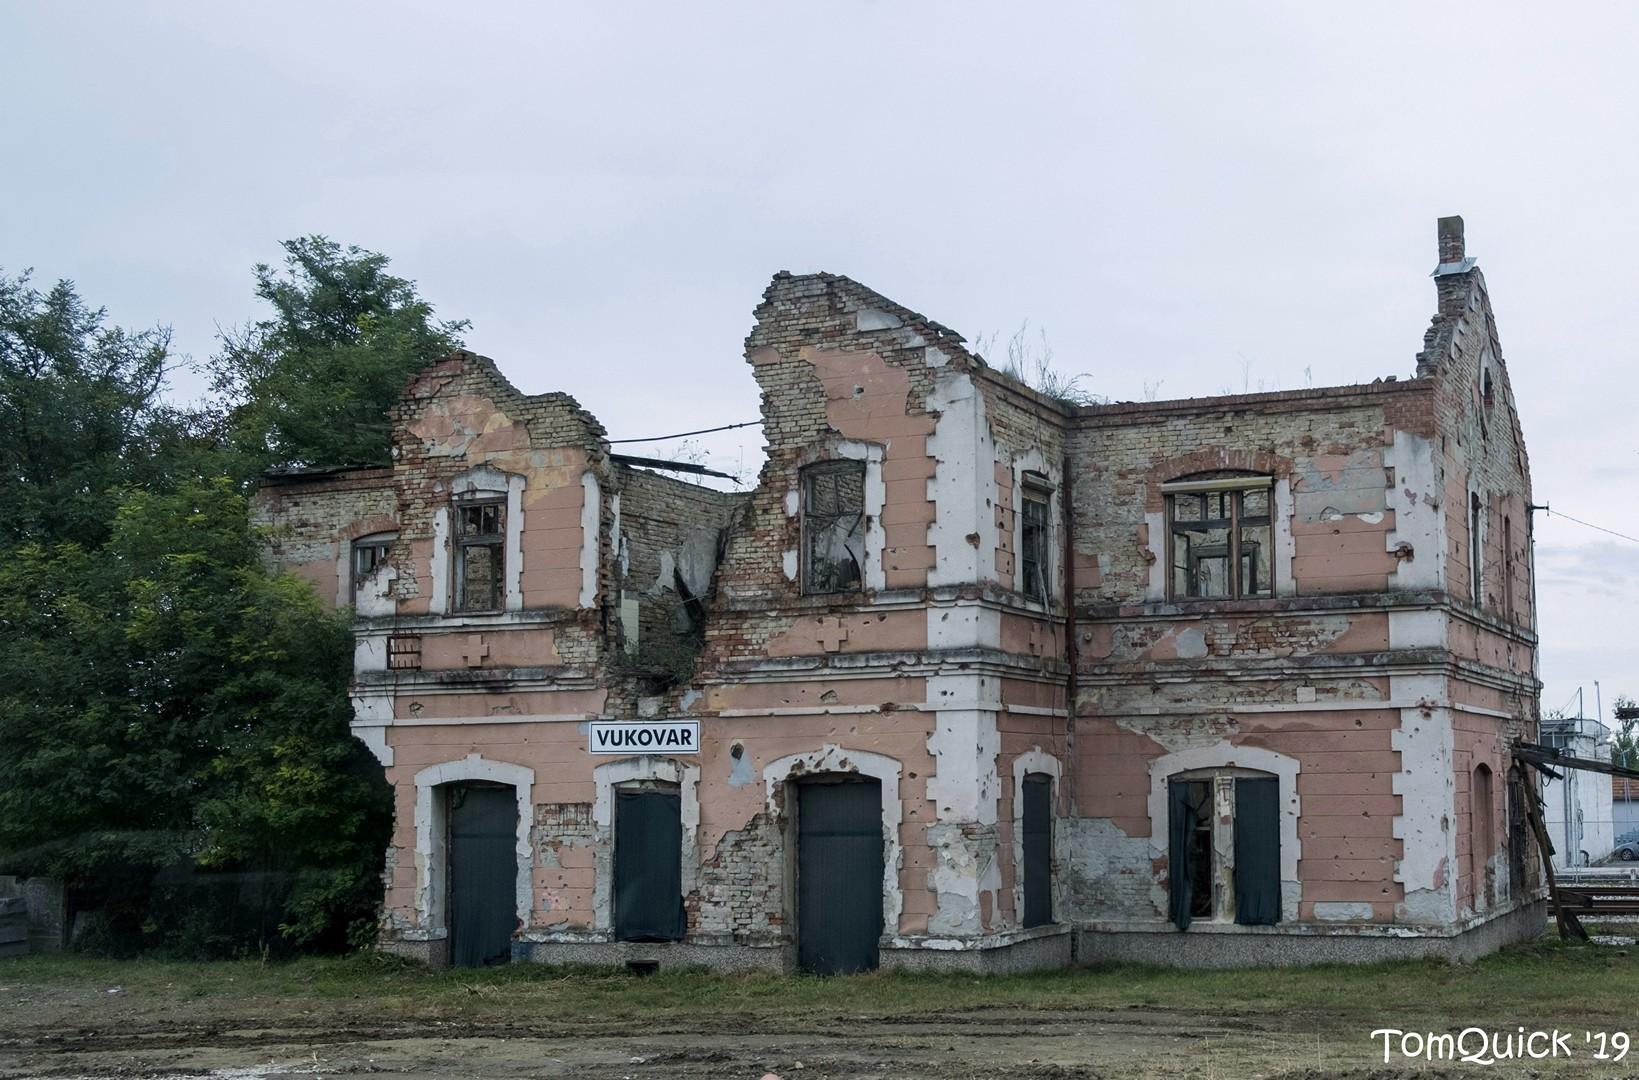 Vukovár